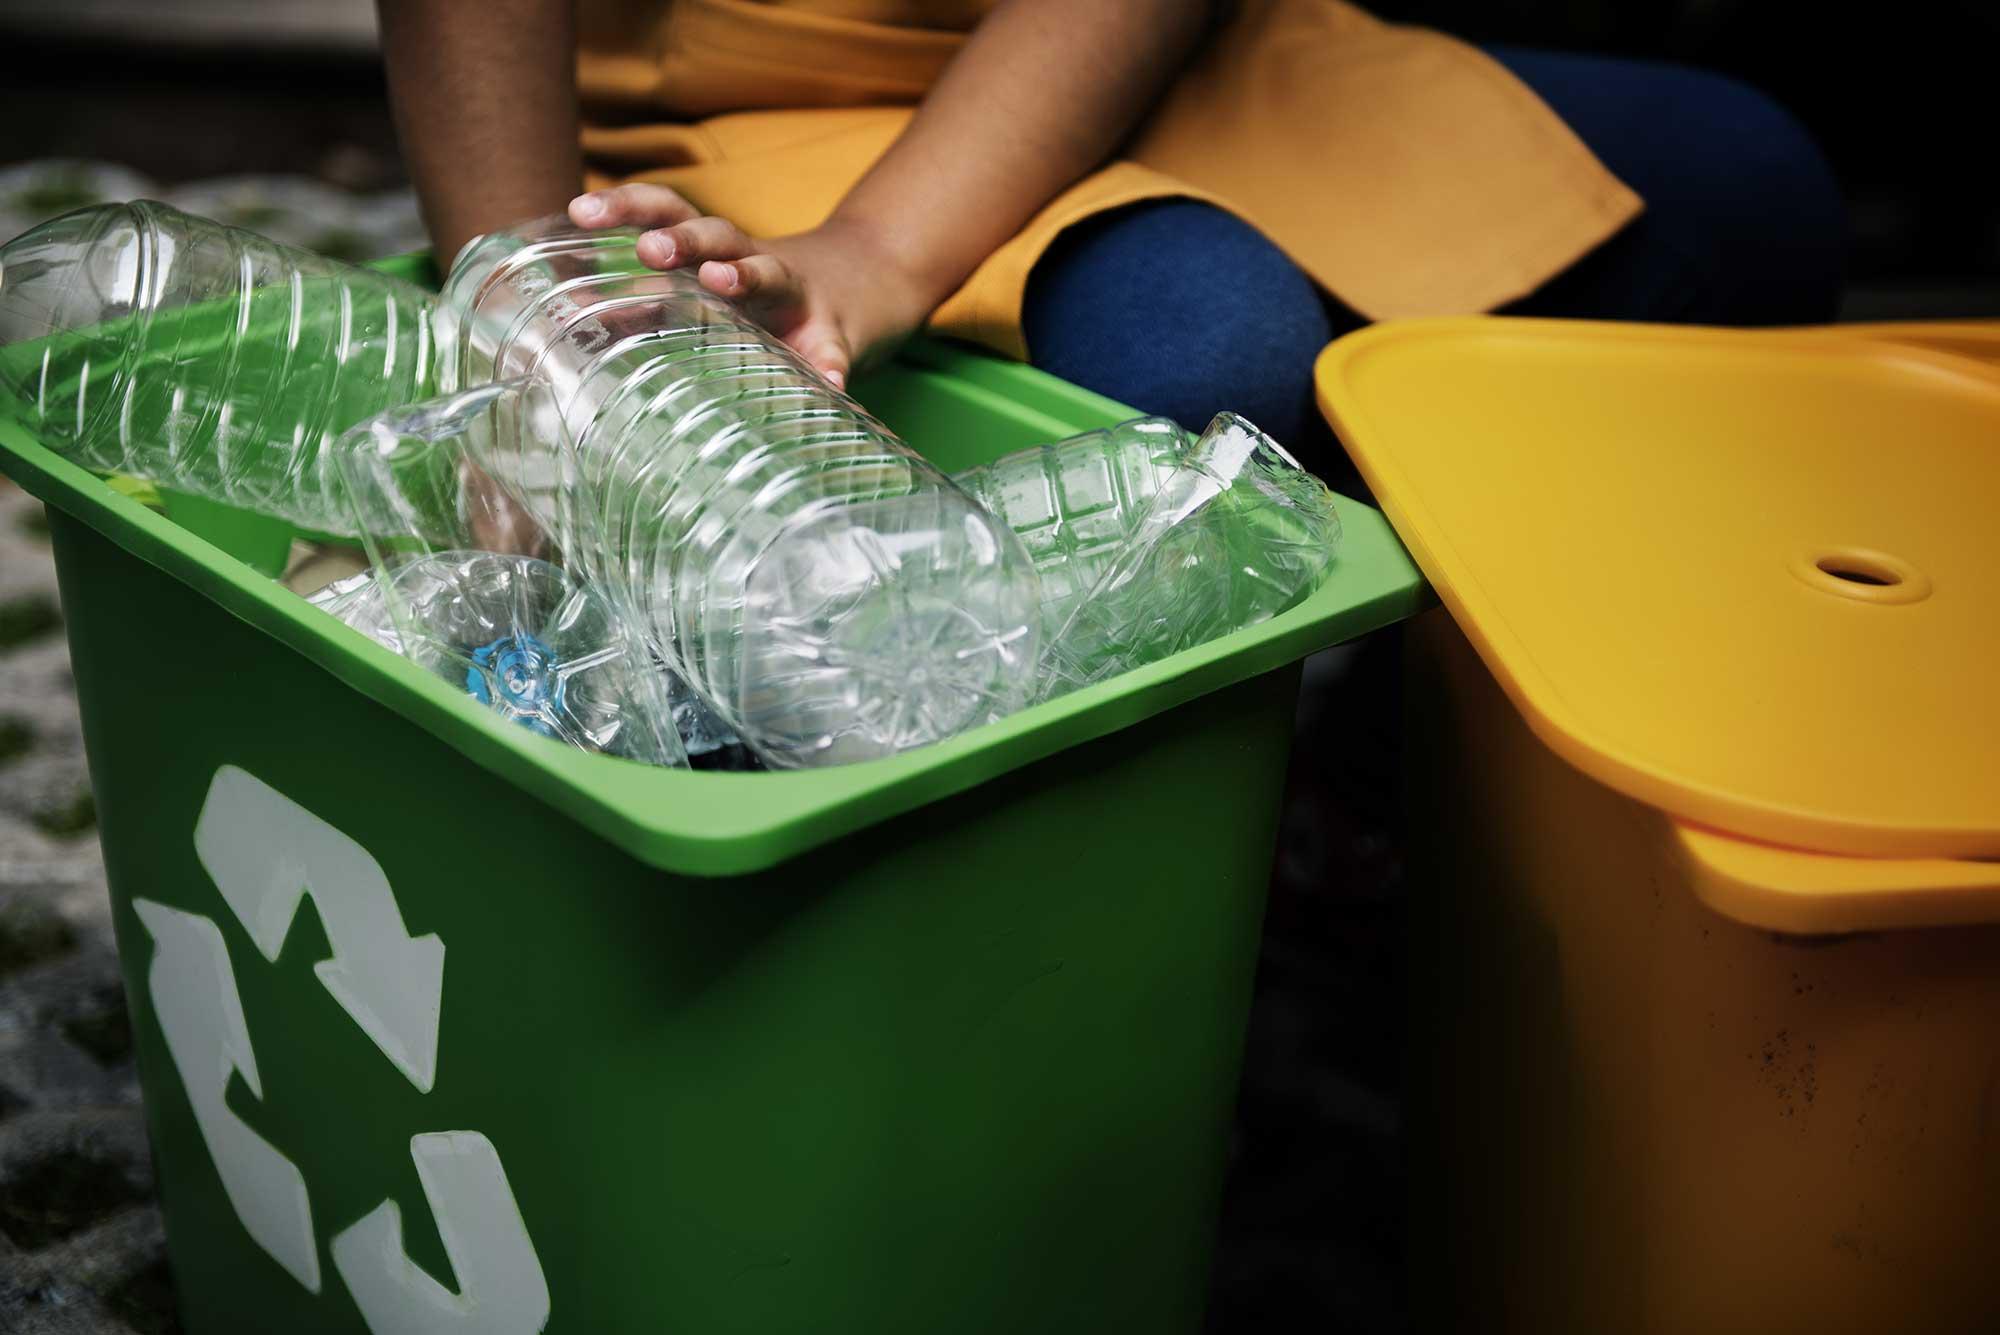 Circular pathways for bio-based plastics require more cooperation 8